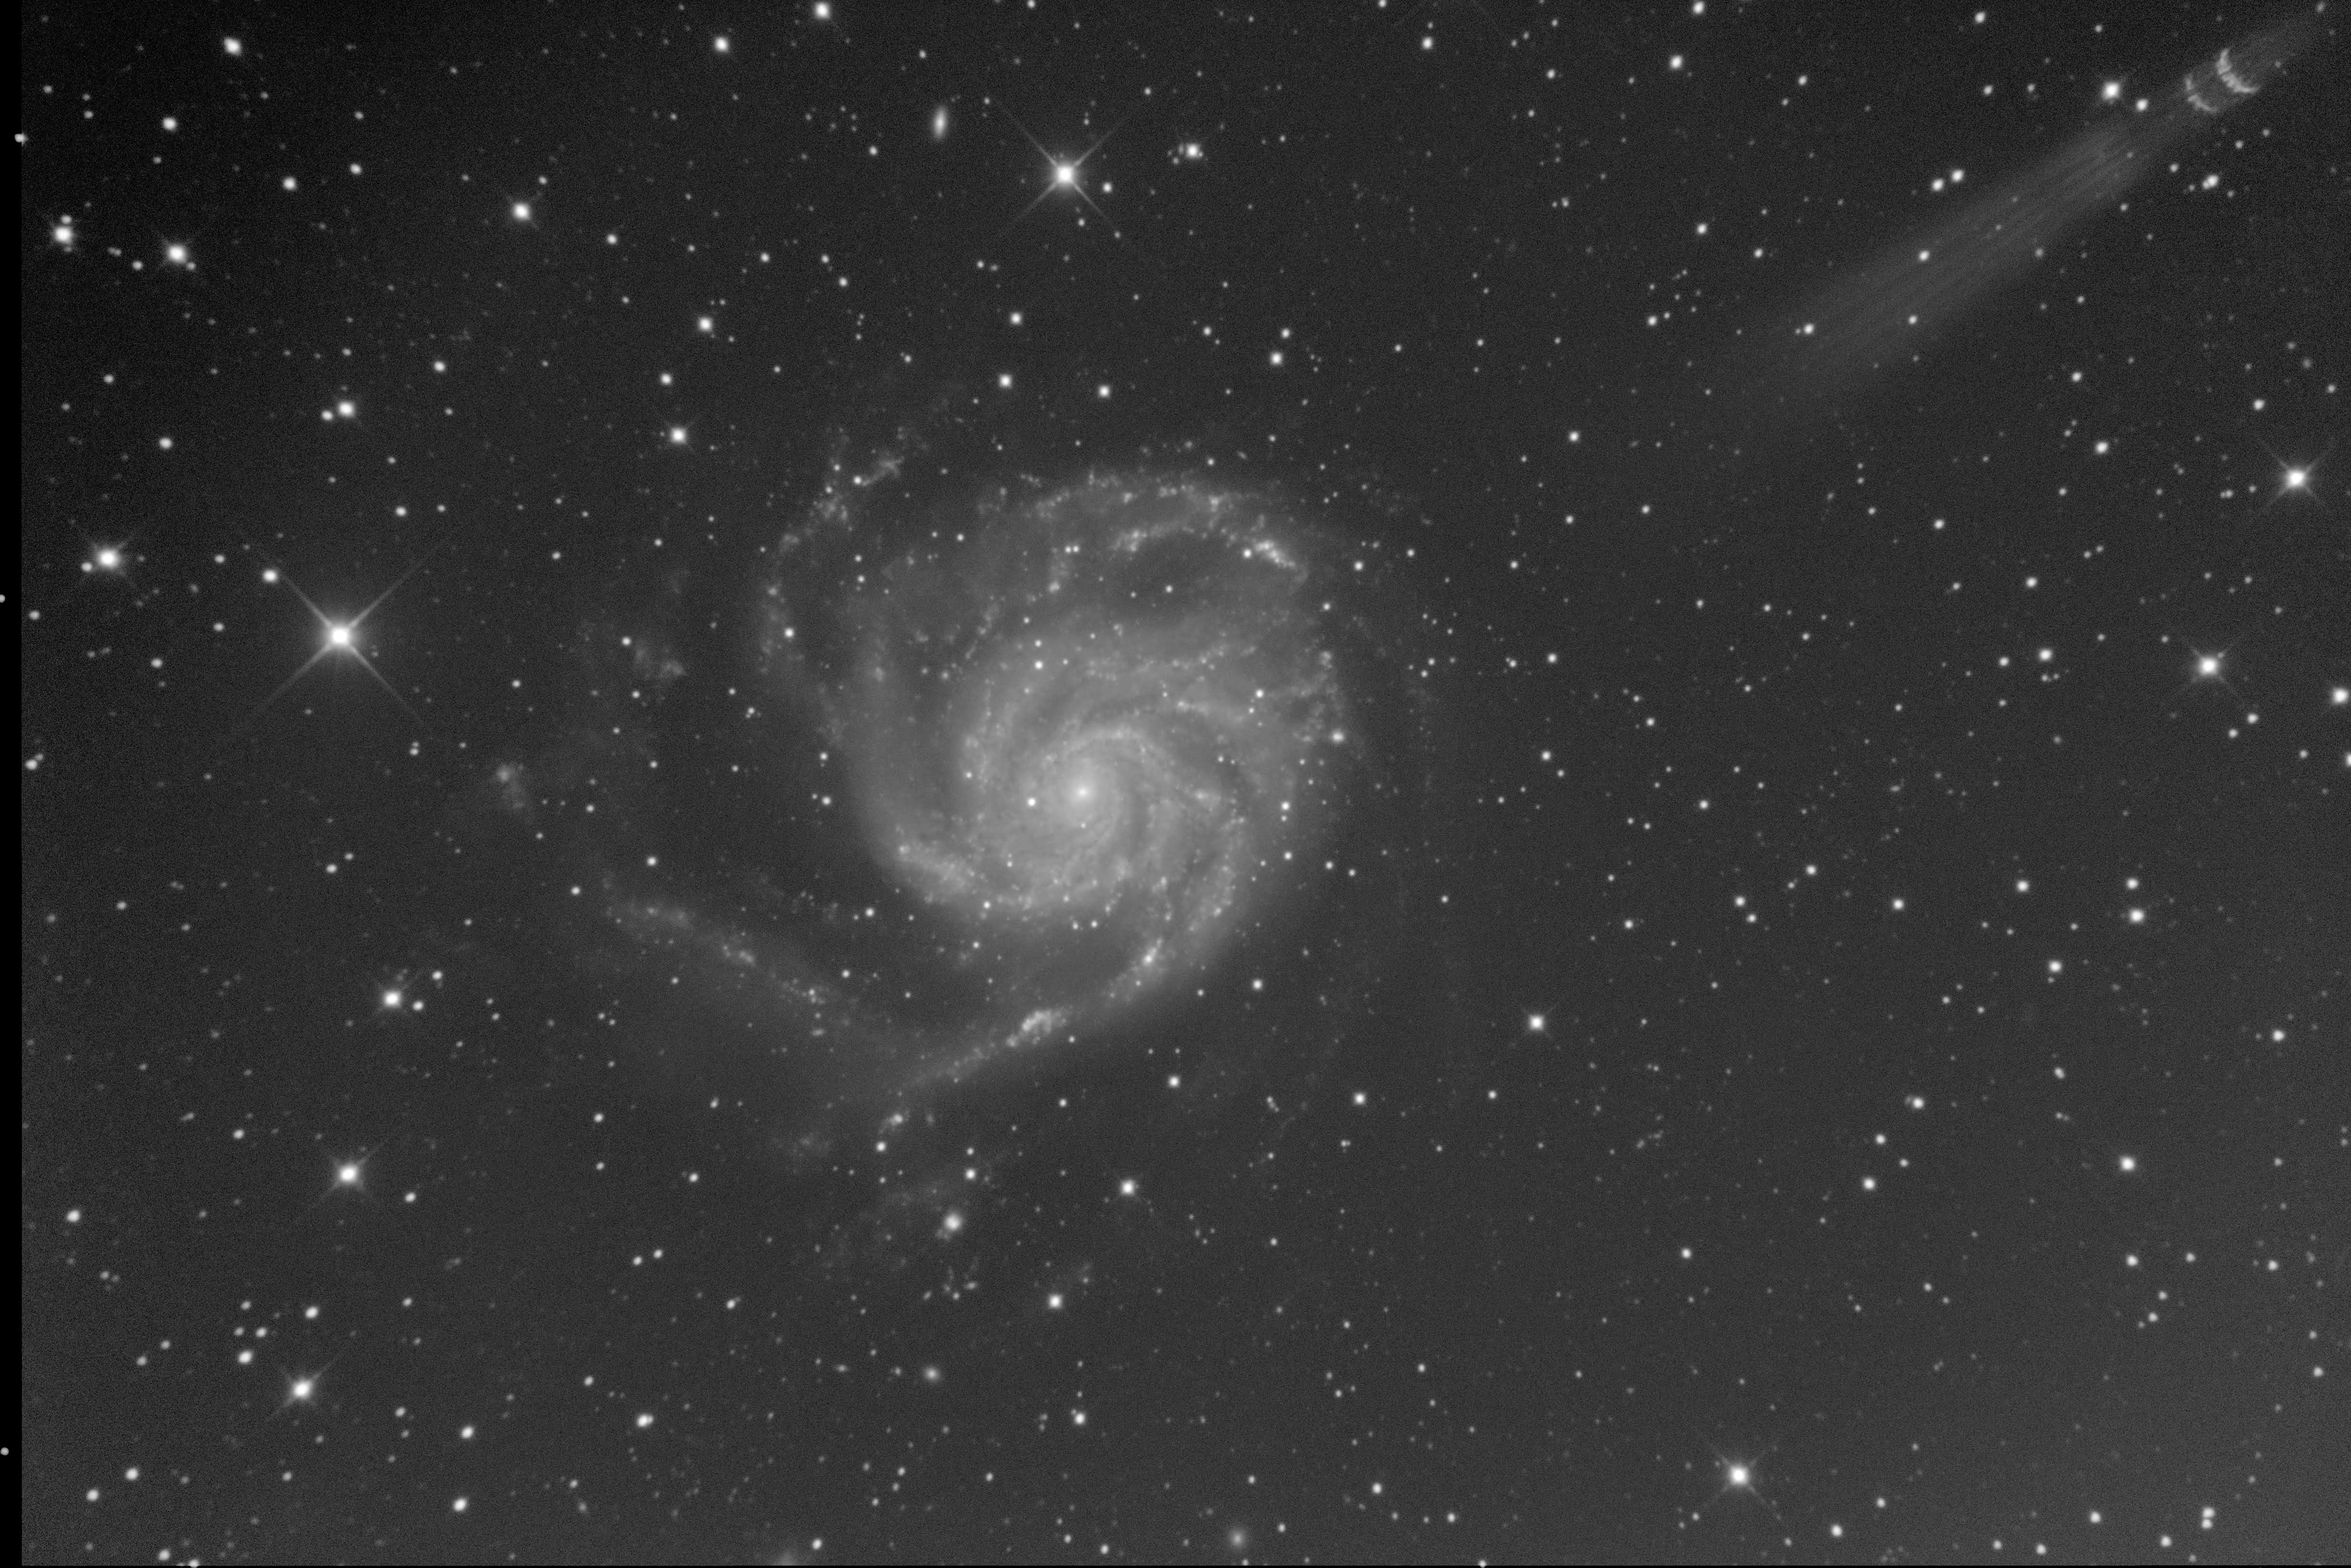 20200122 すさみ M101 C11 6200MM gain100 240s L c16 tDG